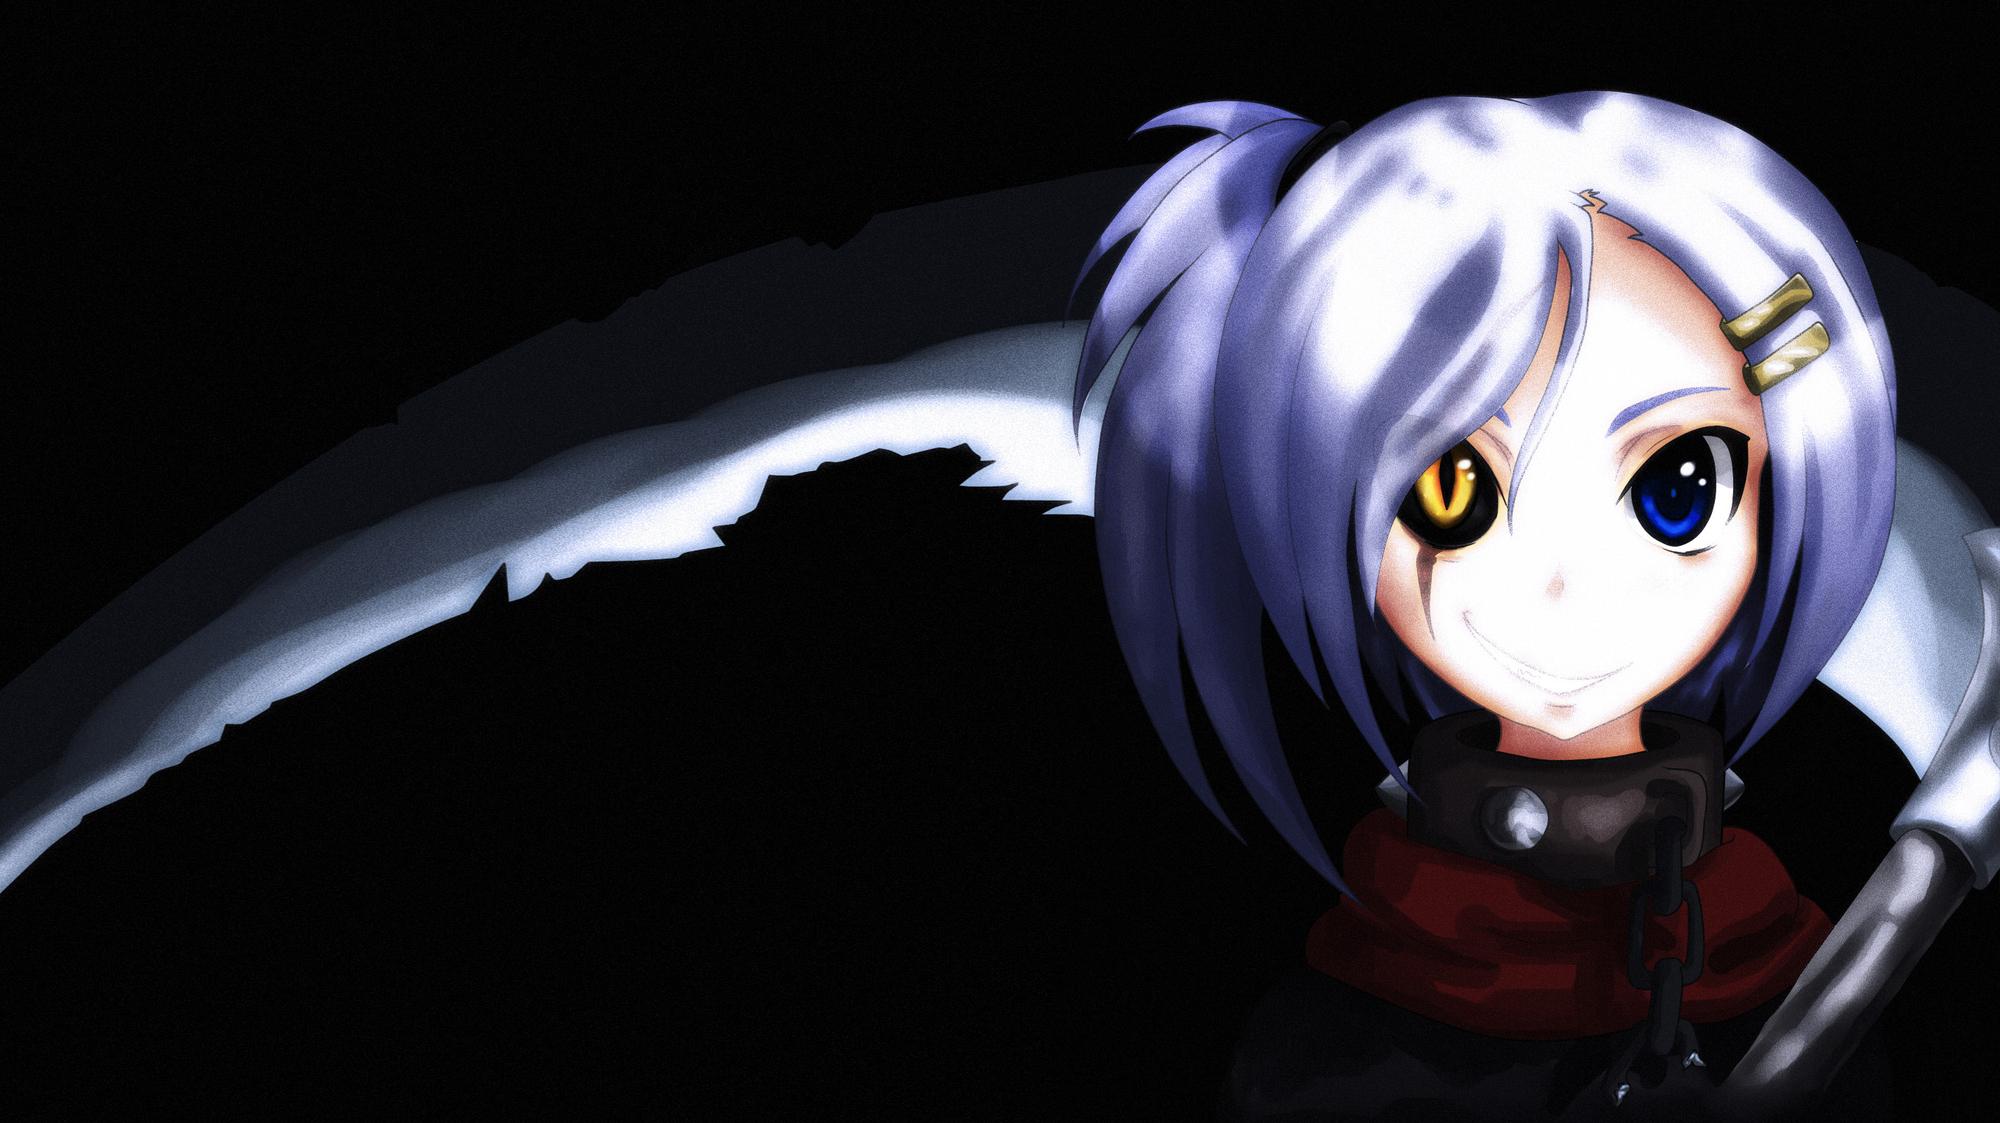 Bicolored eyes original scythe weapon - Anime scythe wallpaper ...